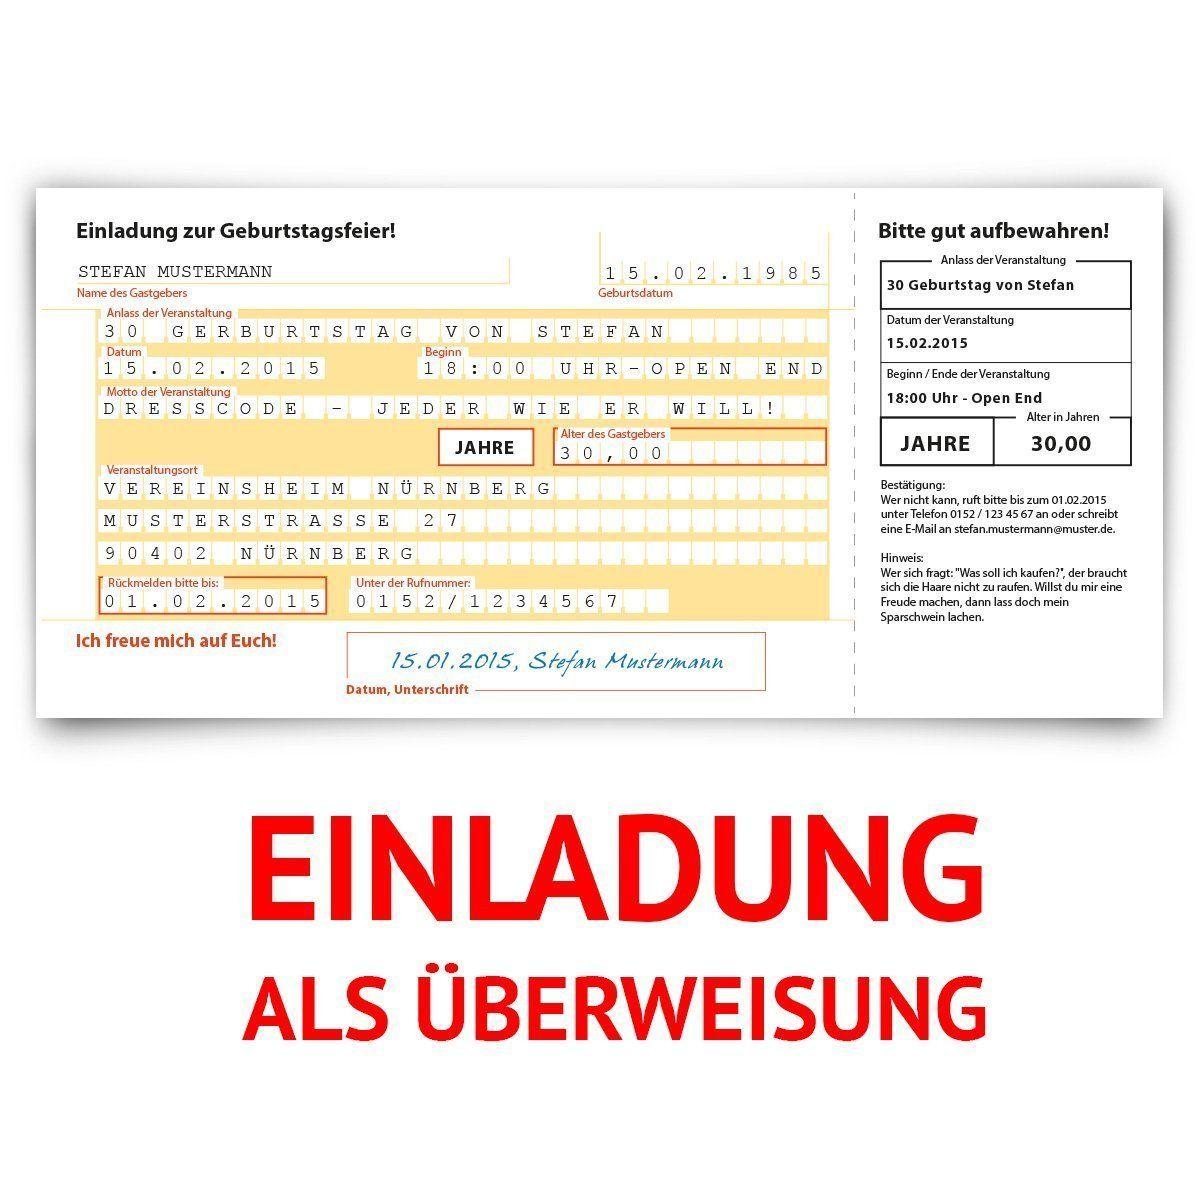 einladungskarten zum geburtstag (30 stück) Überweisung sepa bank, Einladungen